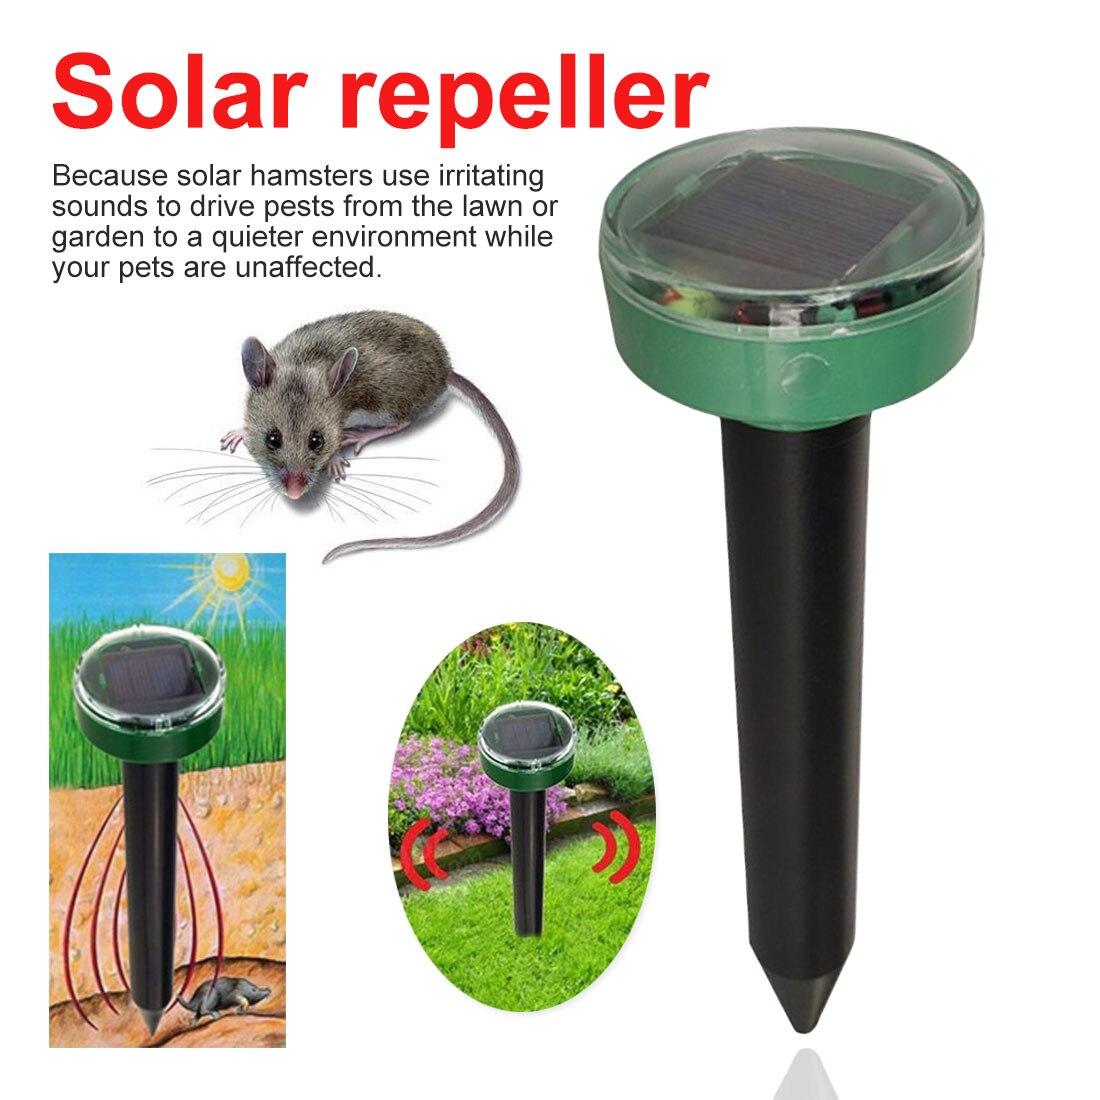 solar repeller main 1